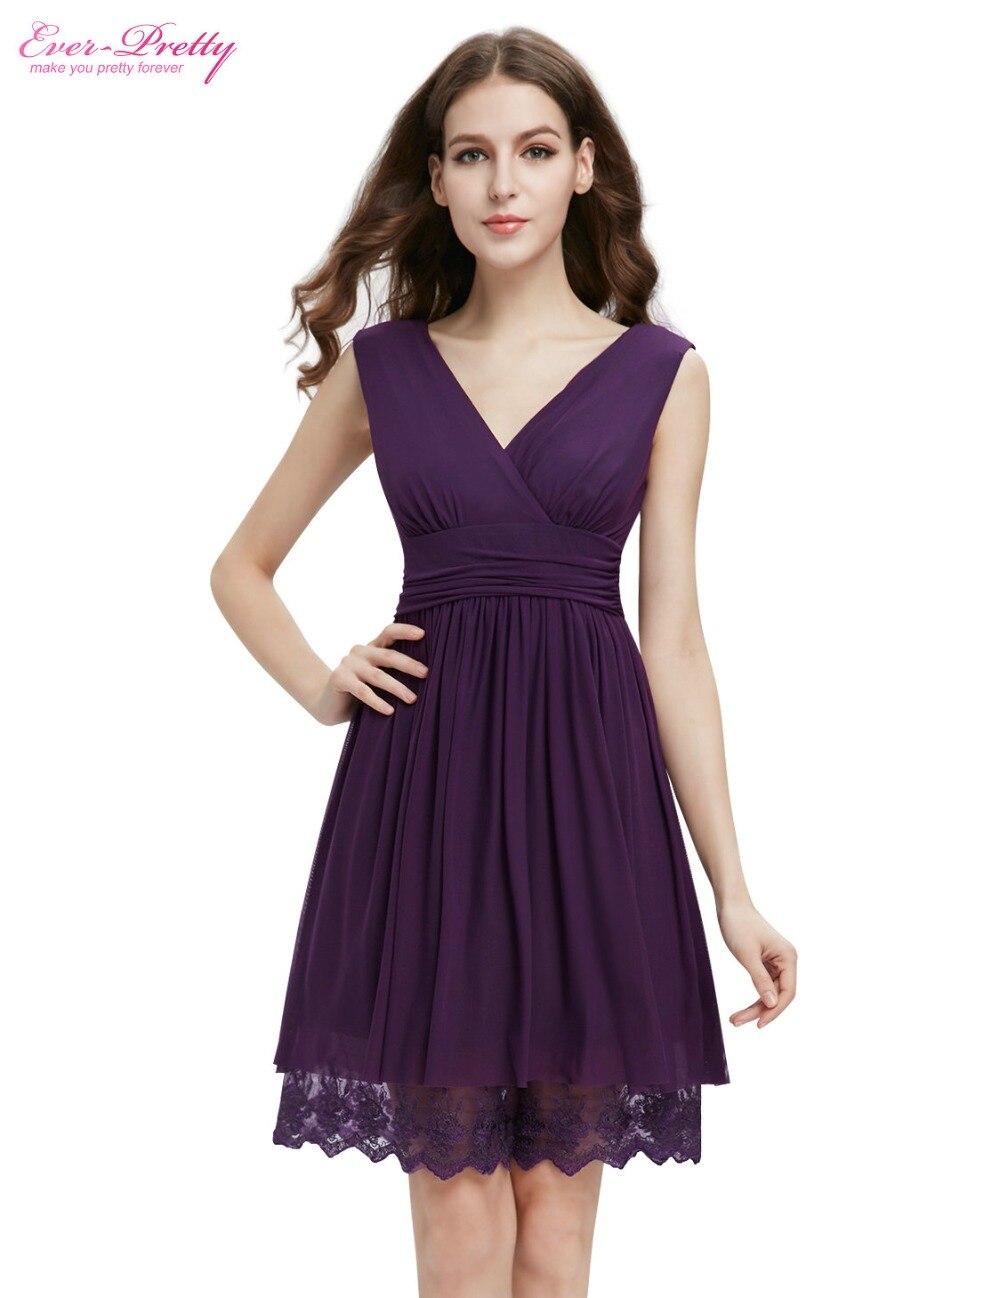 Cocktail Dresses Ever Pretty 00279 2017 Blue Black Purple hort Lace ...